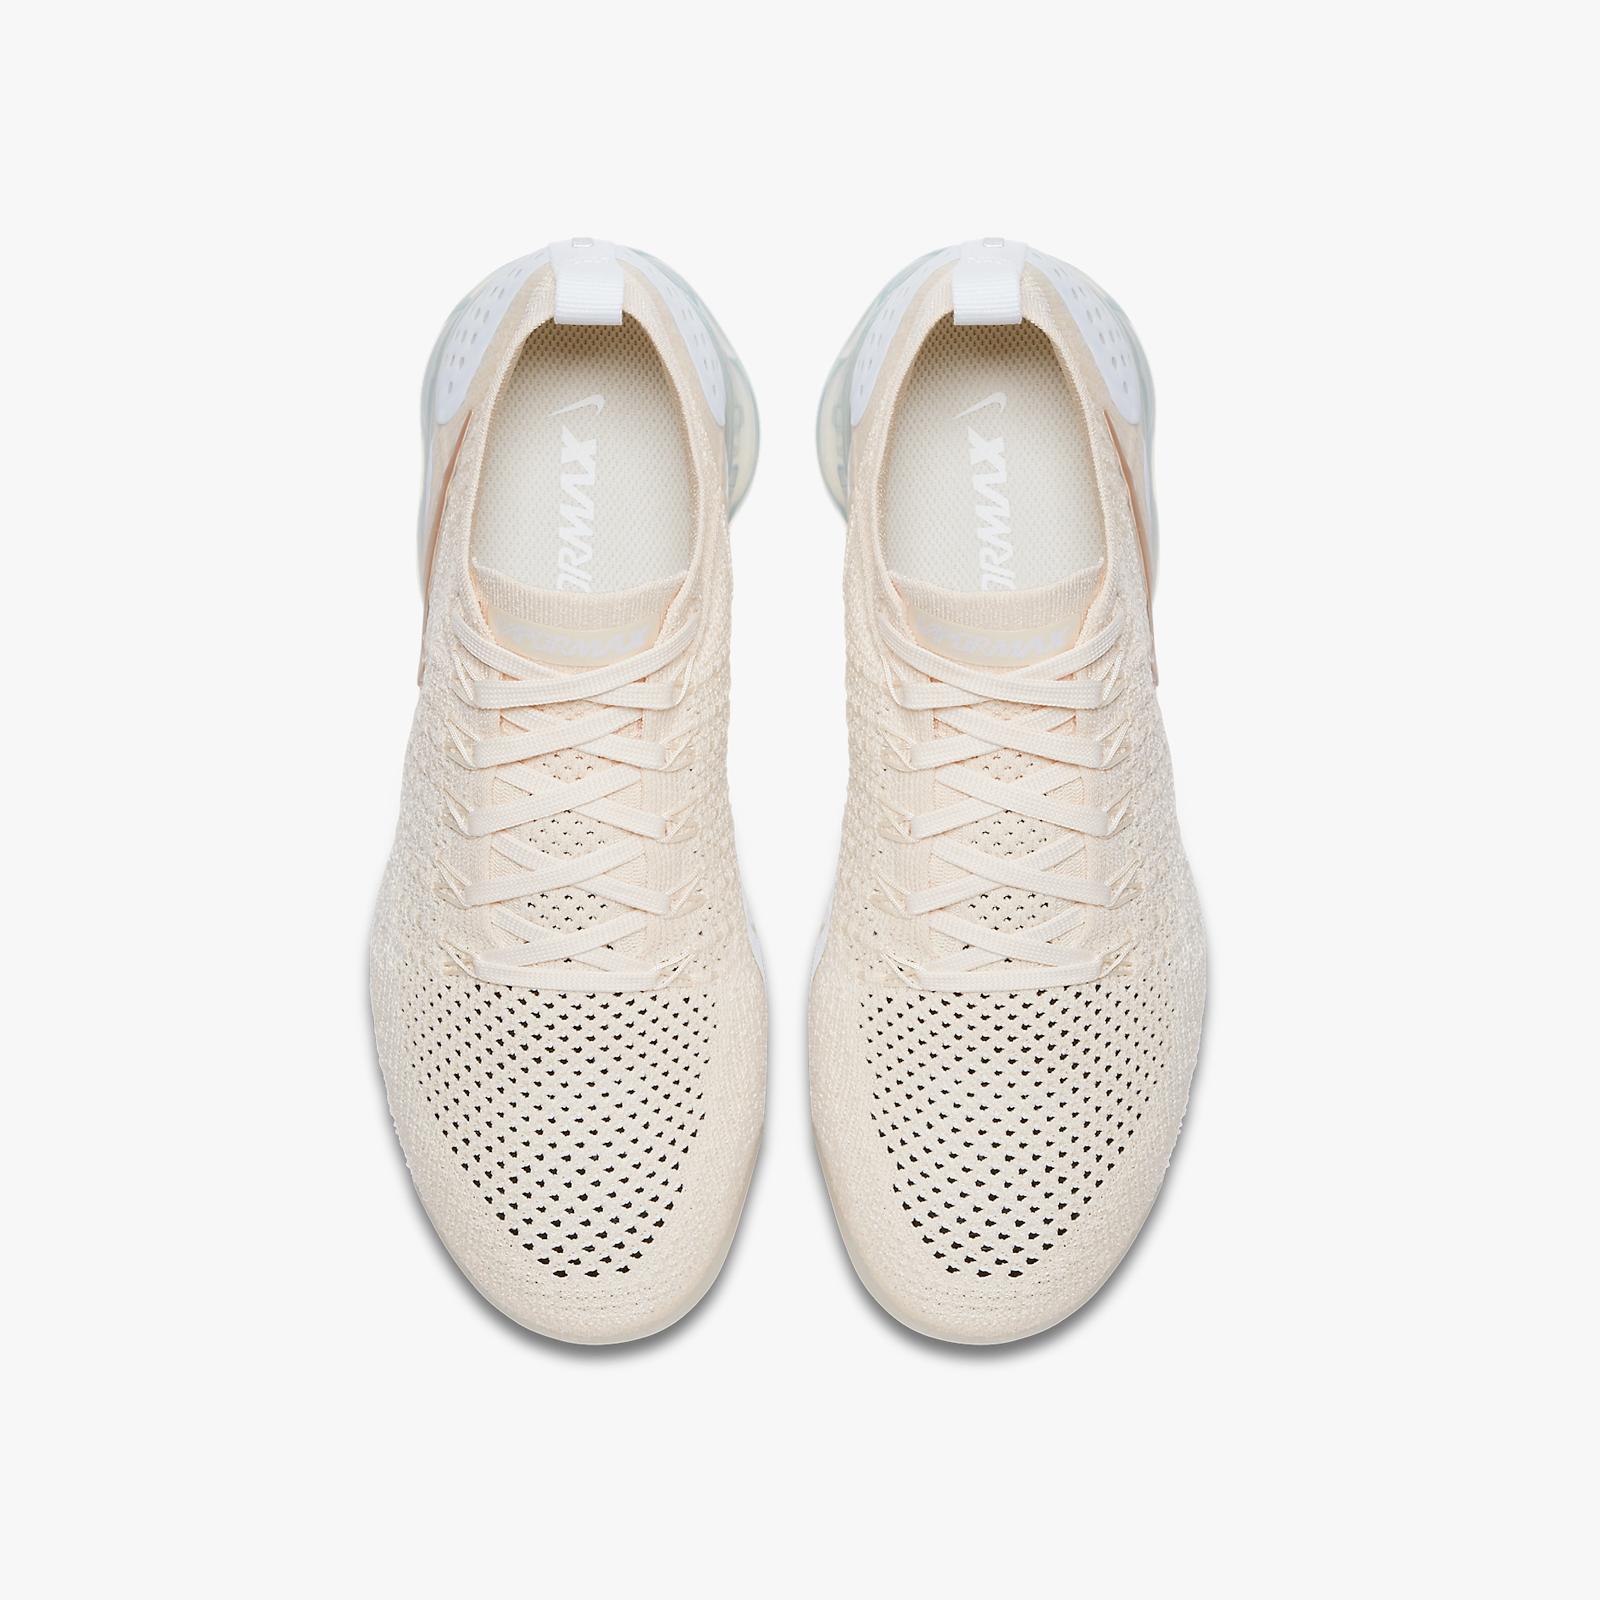 e5843b0ce0 Nike Wmns Air Vapormax Flyknit 2 - 942843-201 - Sneakersnstuff | sneakers &  streetwear online since 1999